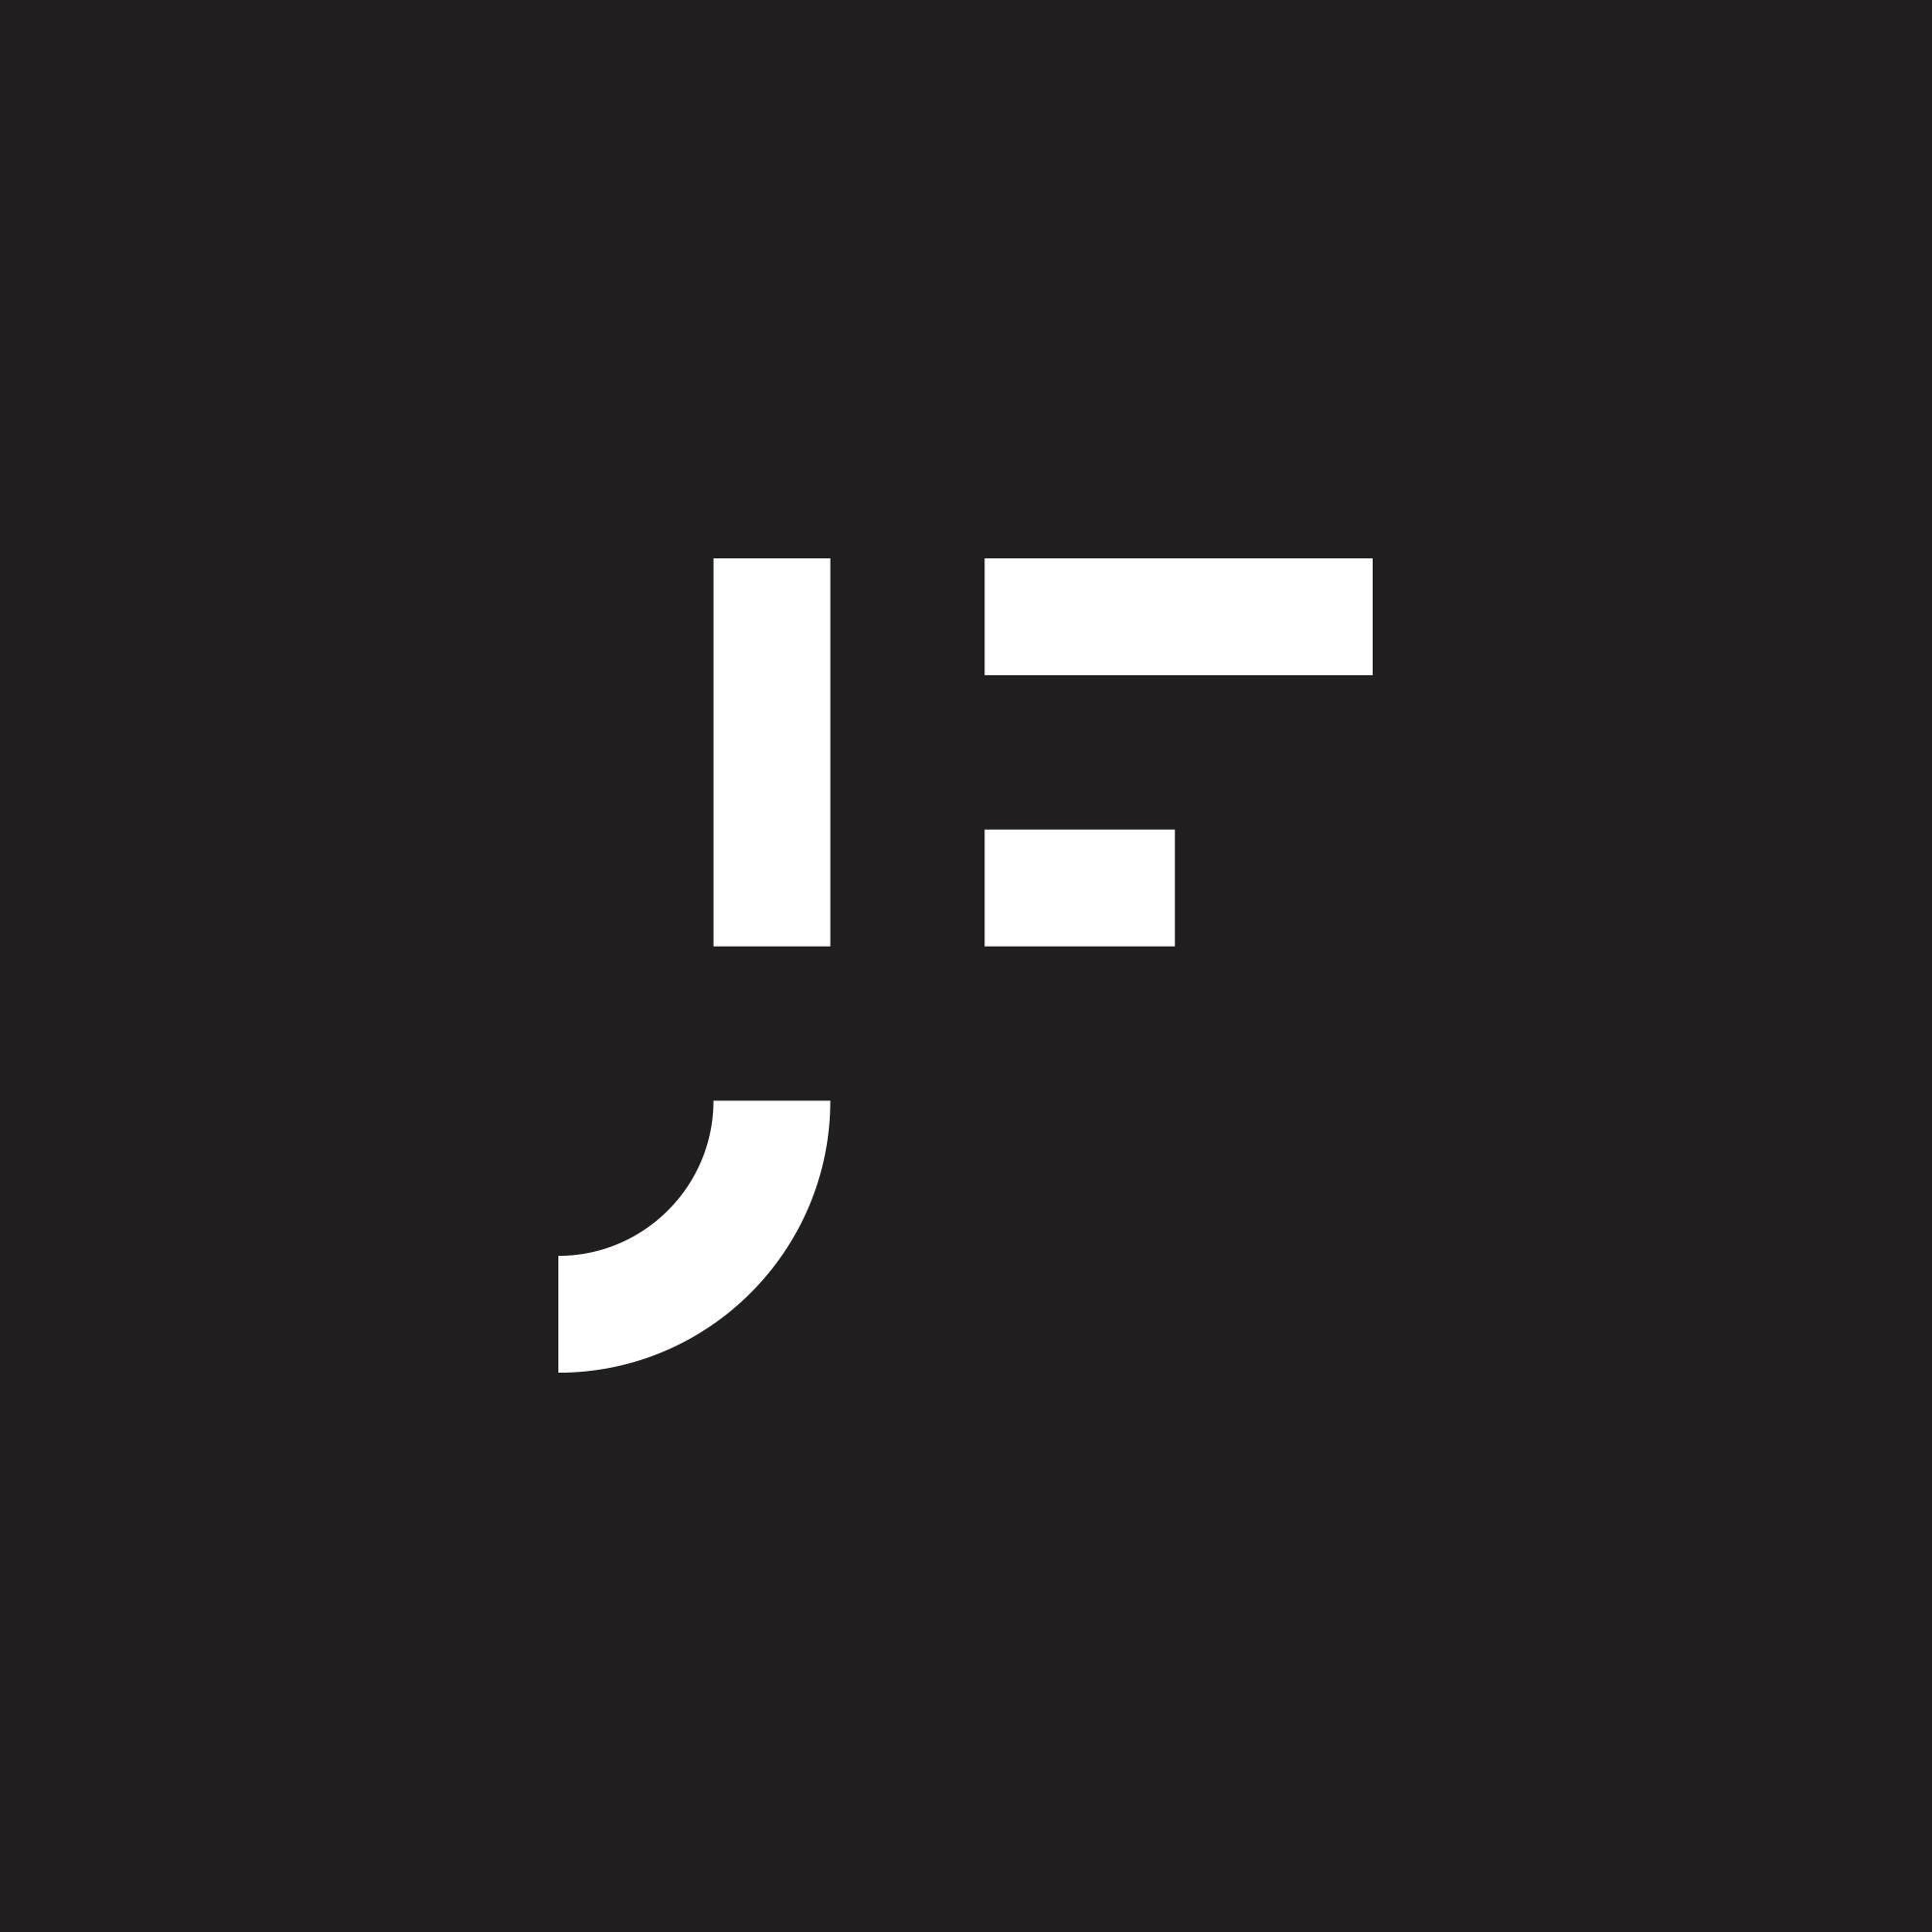 J Fletcher Design on LogoLounge